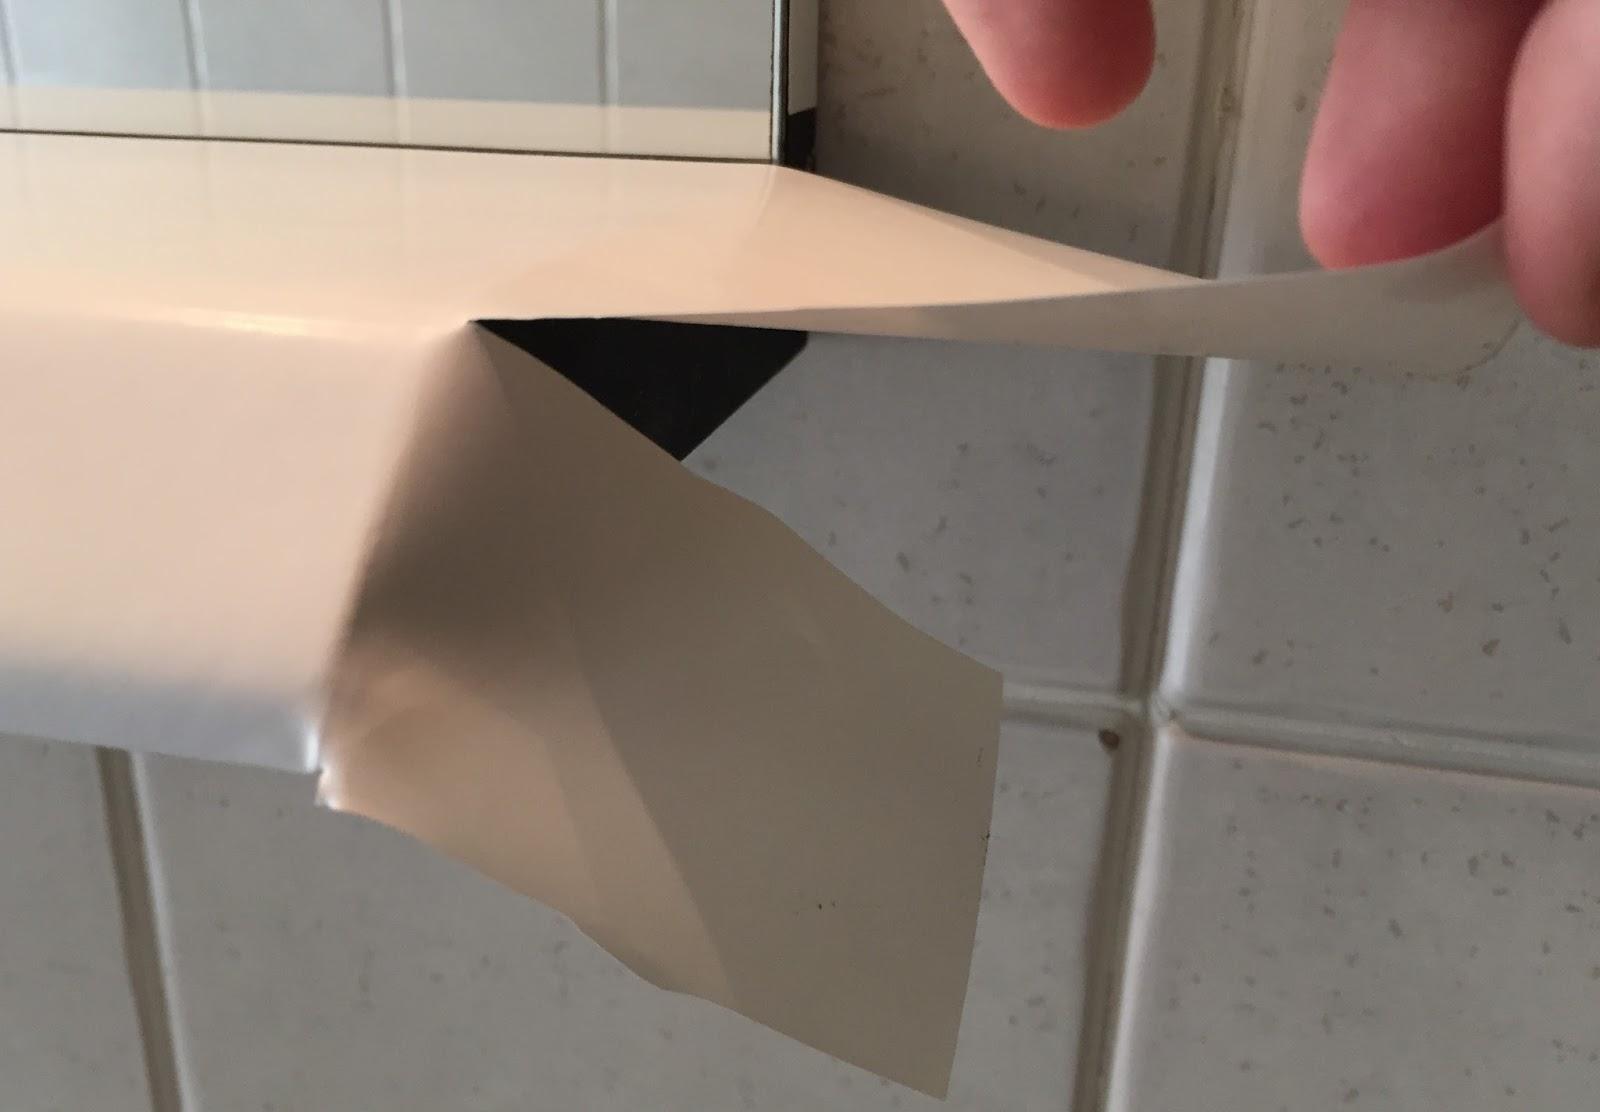 Rinnovare un mobile usando la carta adesiva - Soluzioni per casa